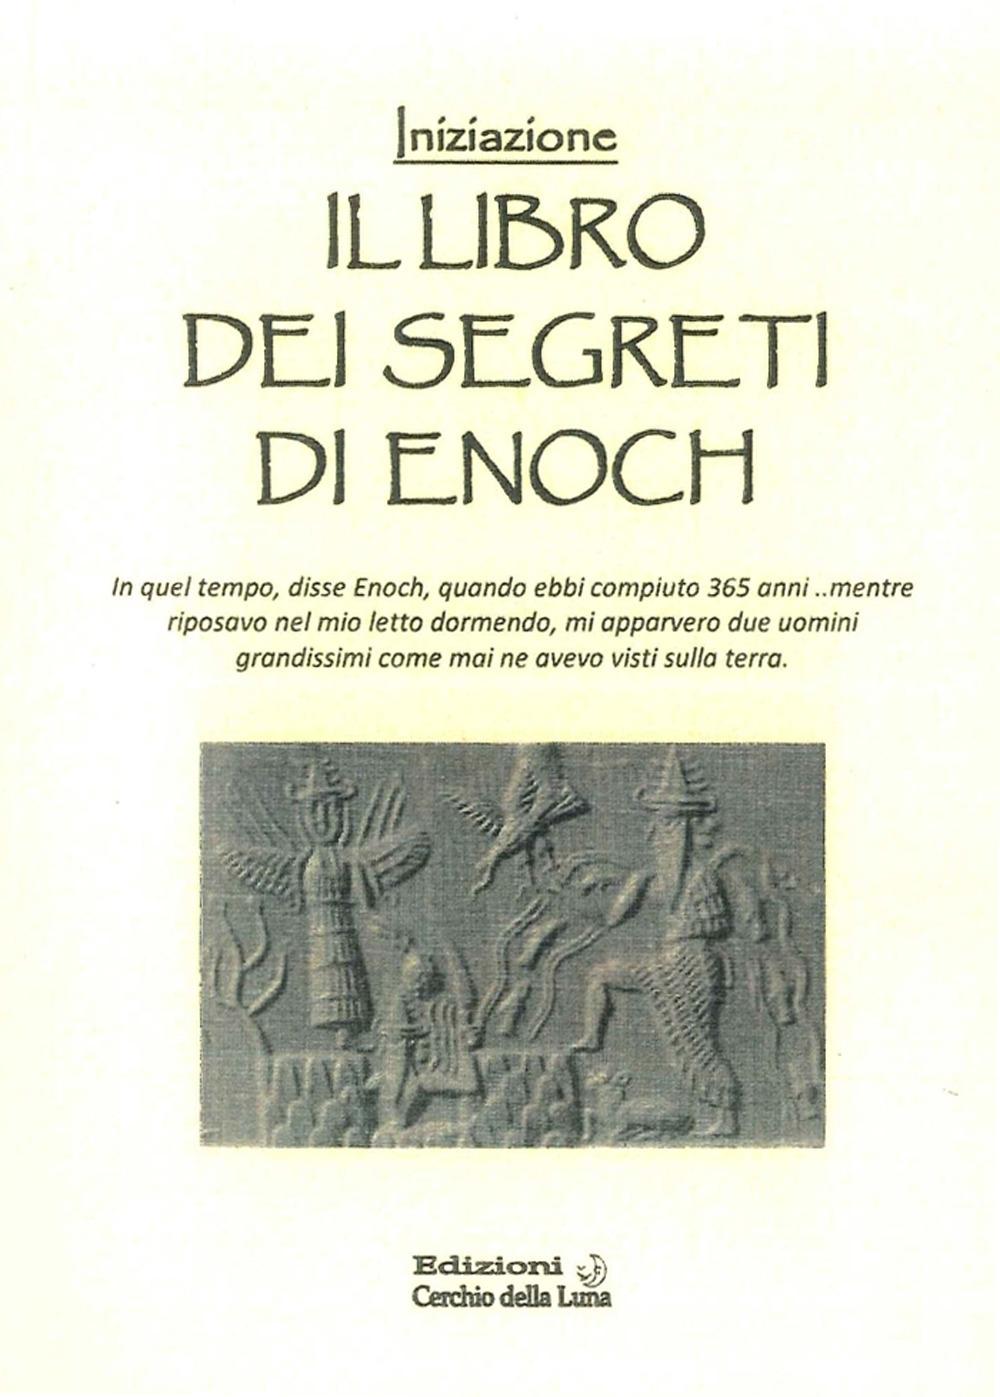 Il Libro dei Segreti di Enoch. Iniziazione.